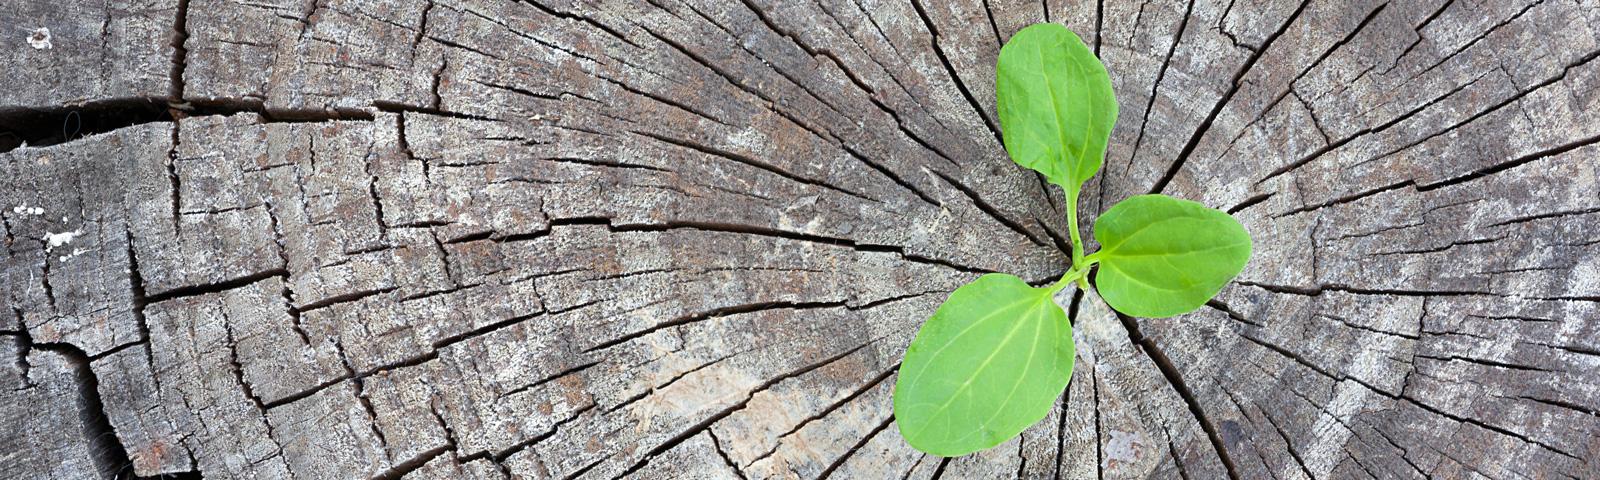 Umweltfreundliche Druckmedien – gruener Pflanztrieb, waechst aus grauem Baumstumpf